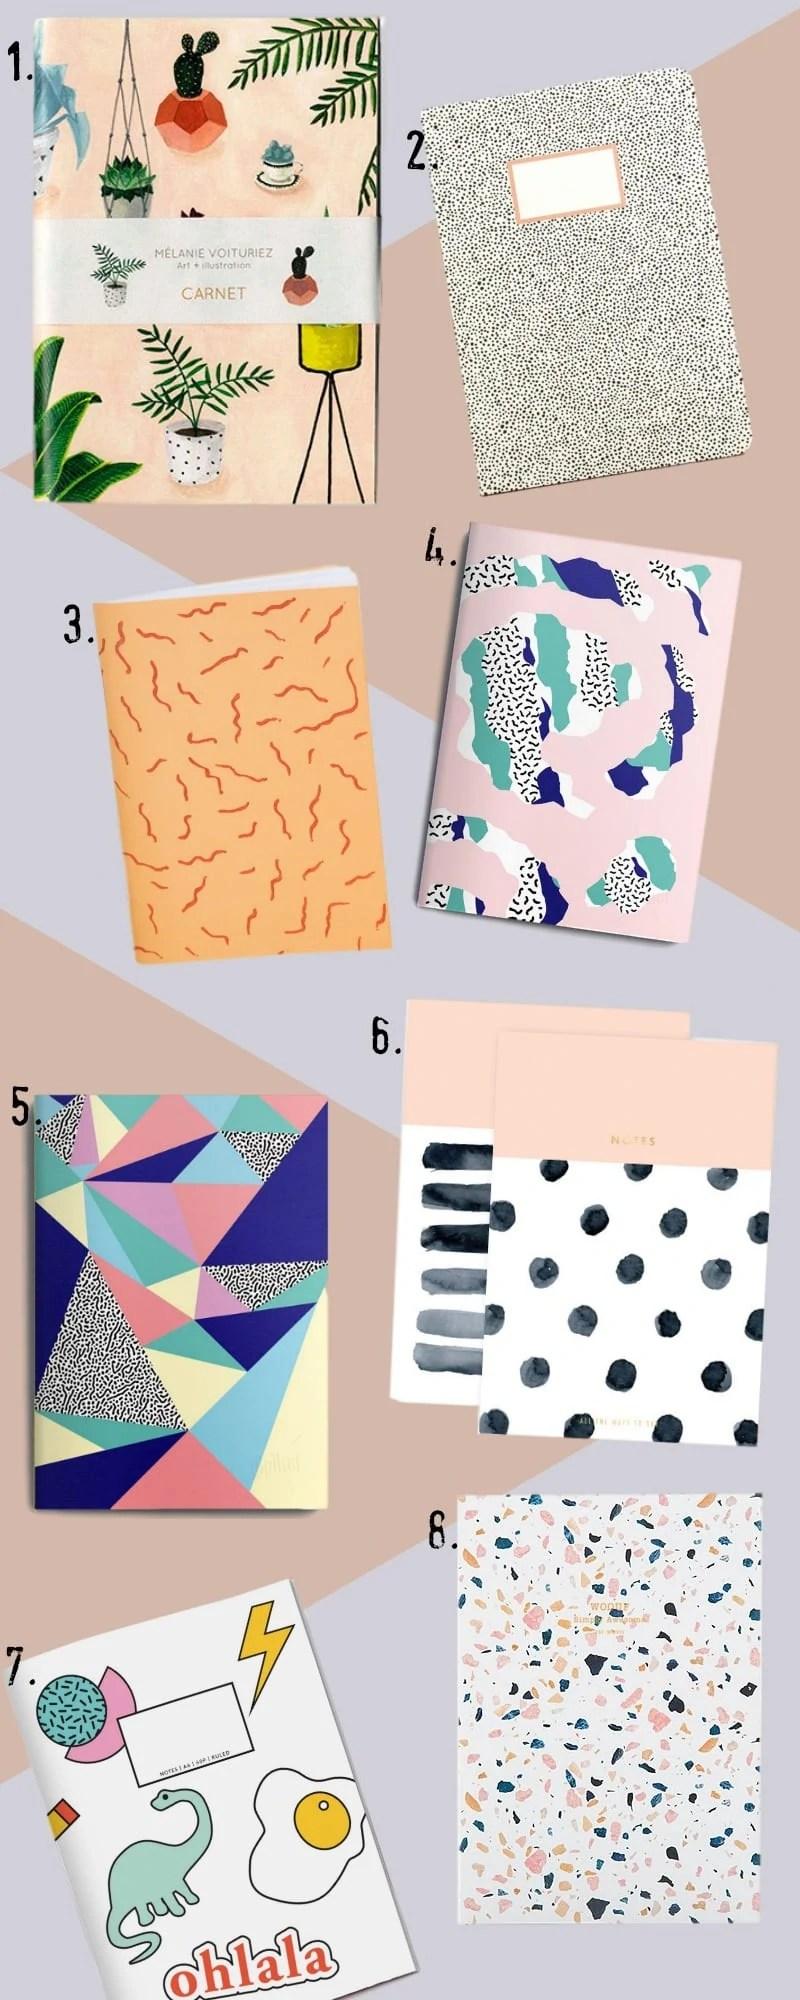 8 Amazing Notebooks